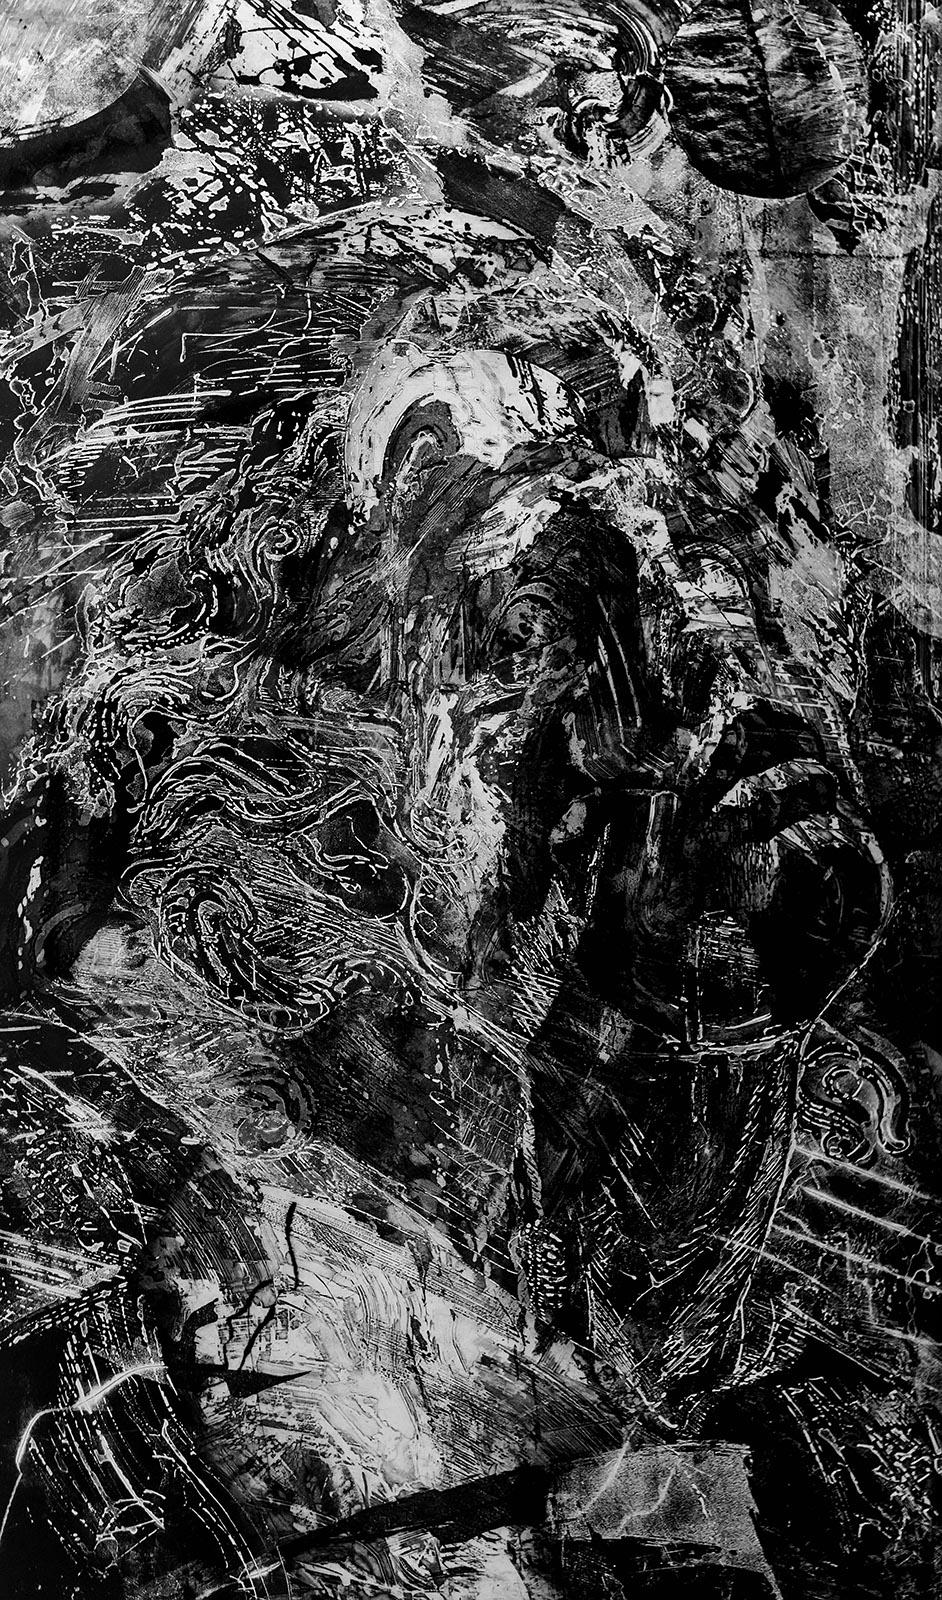 Фото №138314. ИЗ ПОСВЯЩЕНИЙ Л.В.Б. На тему ПЕРГАМА «ТЩЕТНОСТЬ НАДЕЖД». 2000